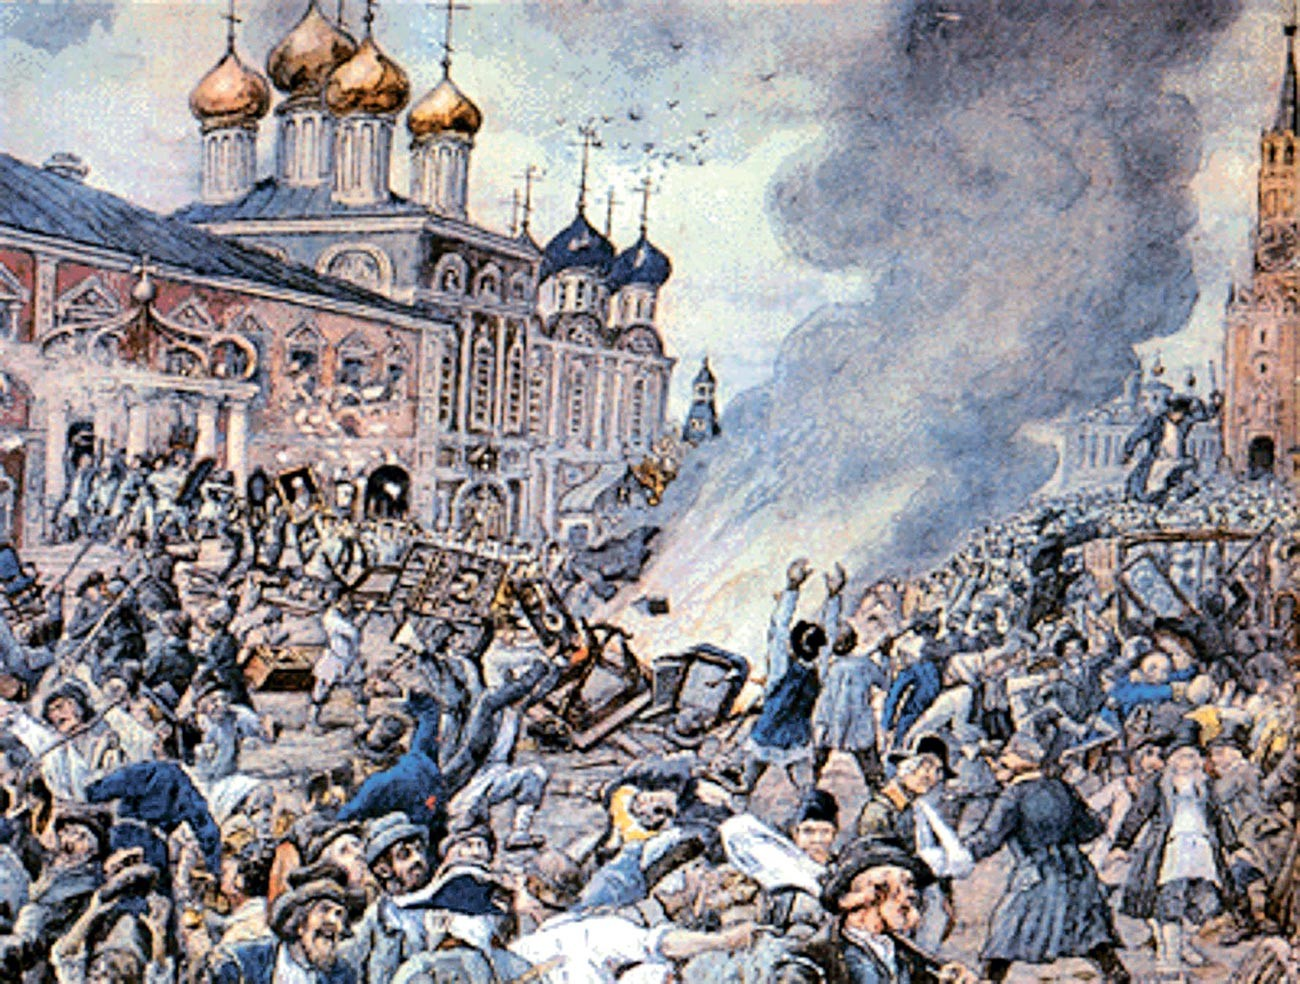 Émeute de la peste à Moscou en 1771, une aquarelle des années 1930 par E. Lissner